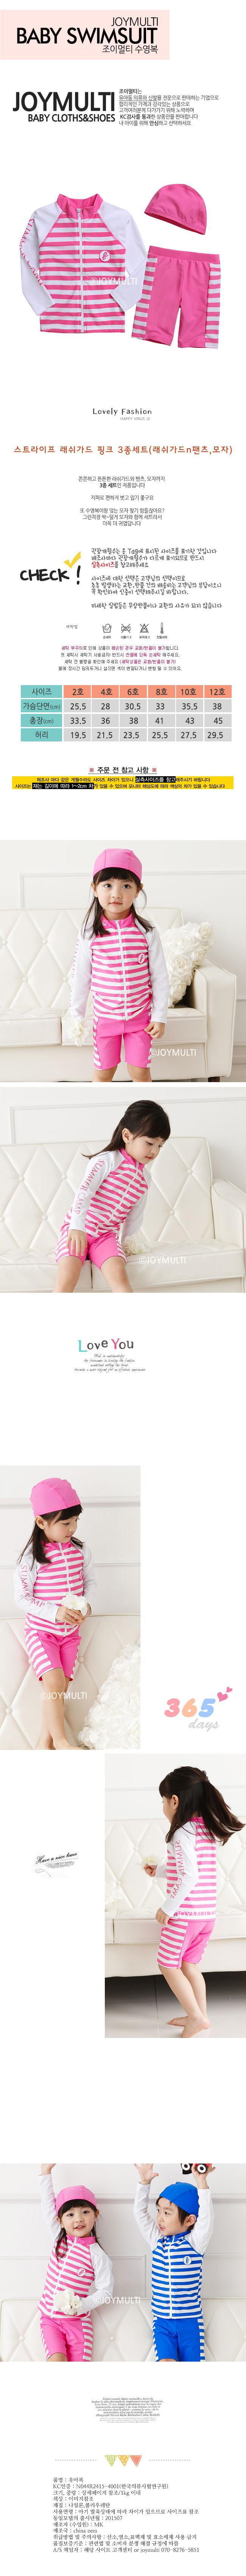 스트라이프 래쉬가드 핑크 3종세트(1-10세) 202704 - 조이멀티, 33,500원, 시즌/이벤트의류잡화, 수영복